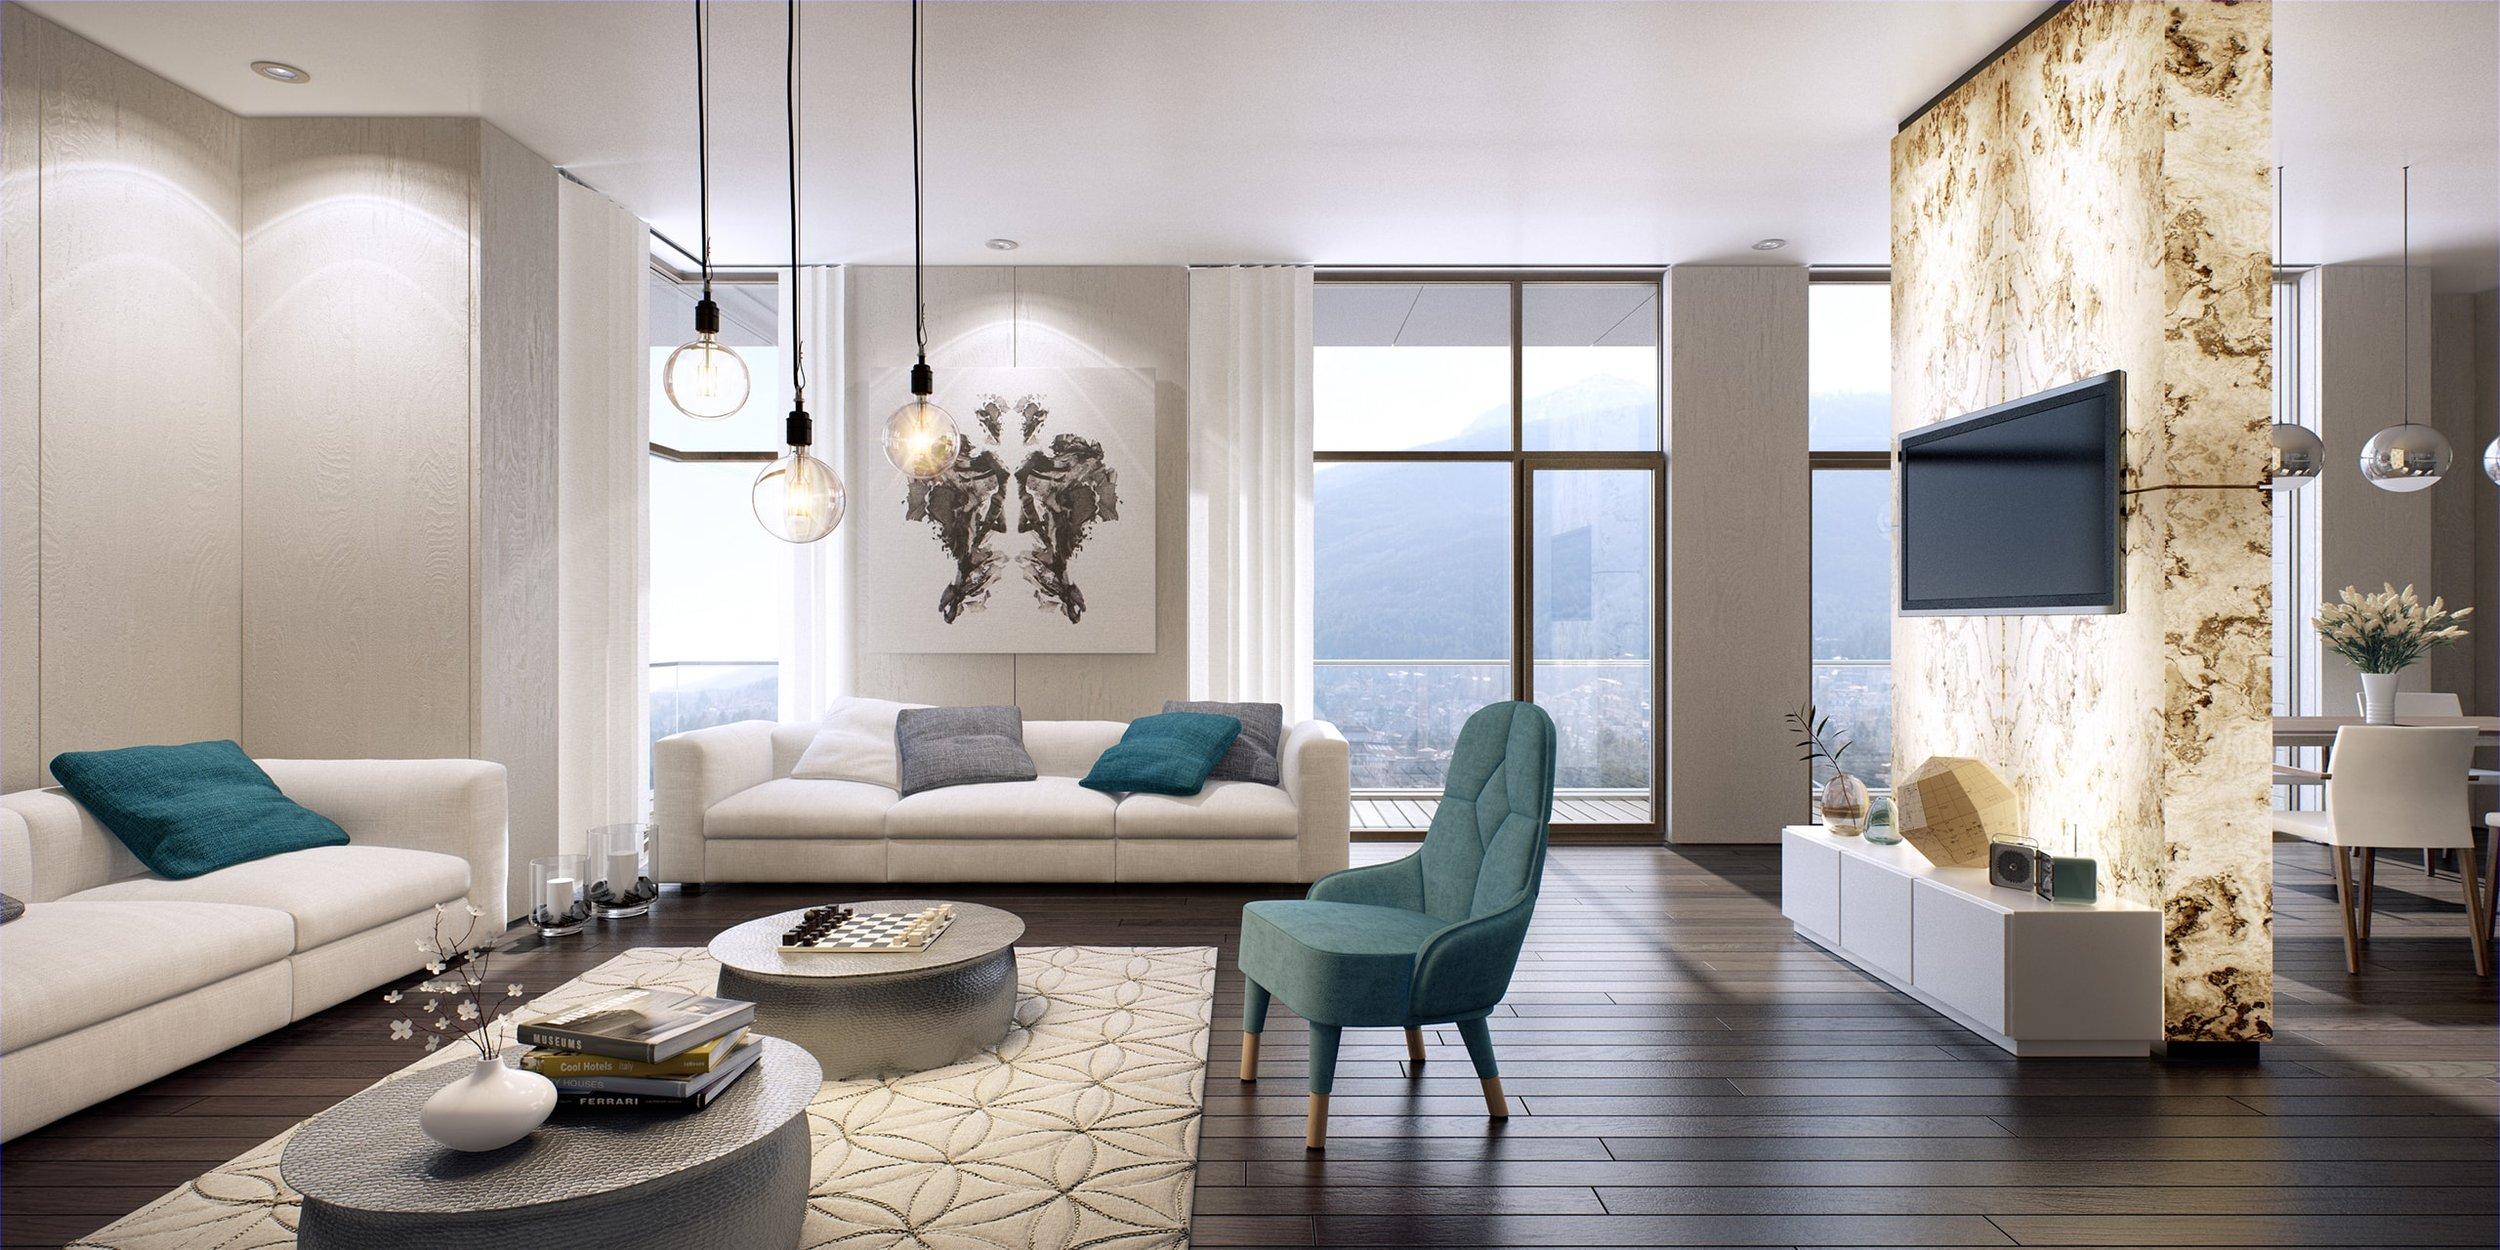 RR_Living Room 01-min.jpg